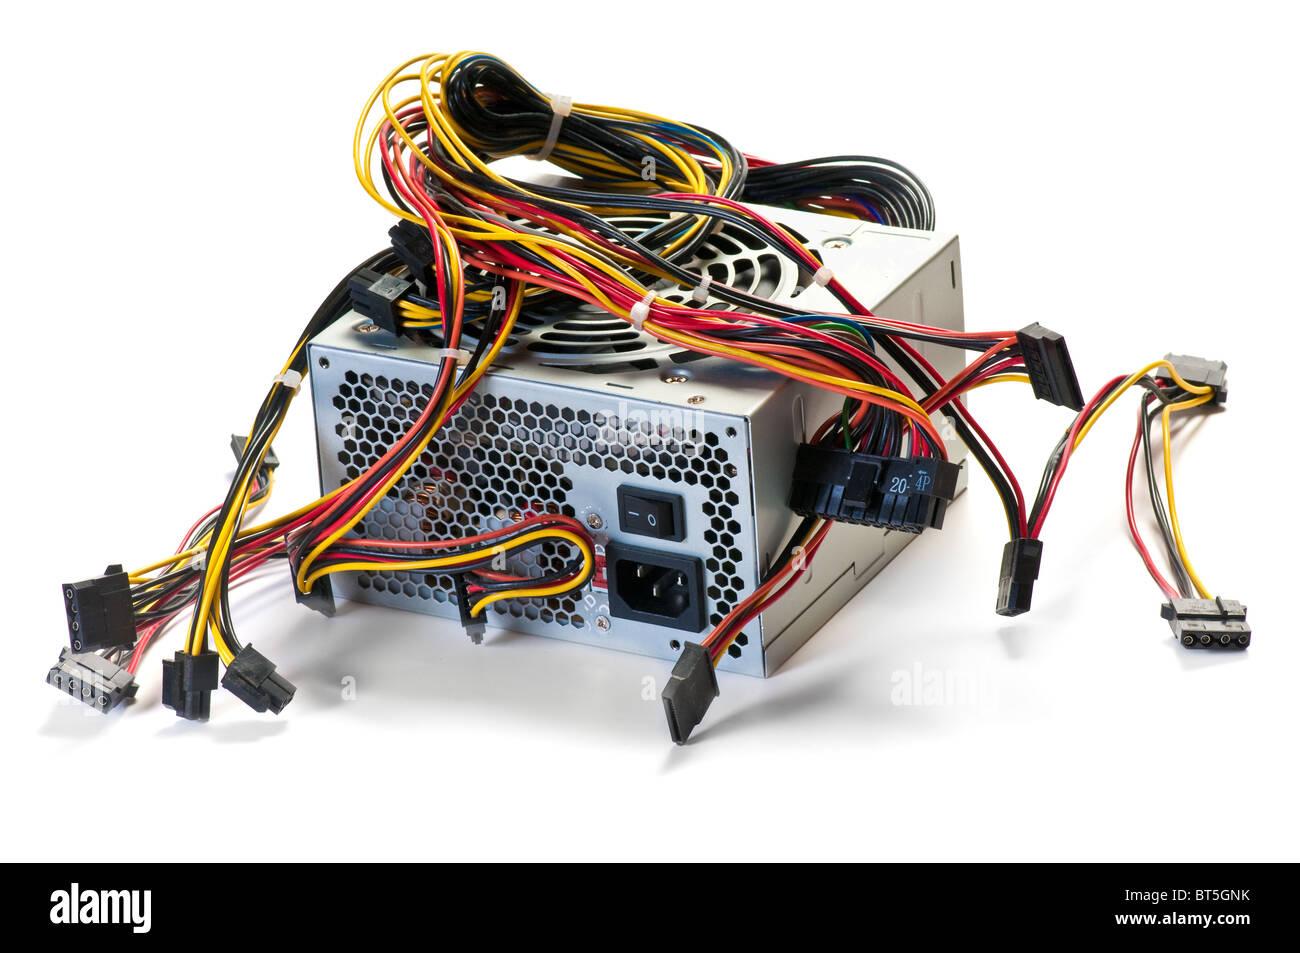 Computernetzteil isoliert auf weiß Stockbild